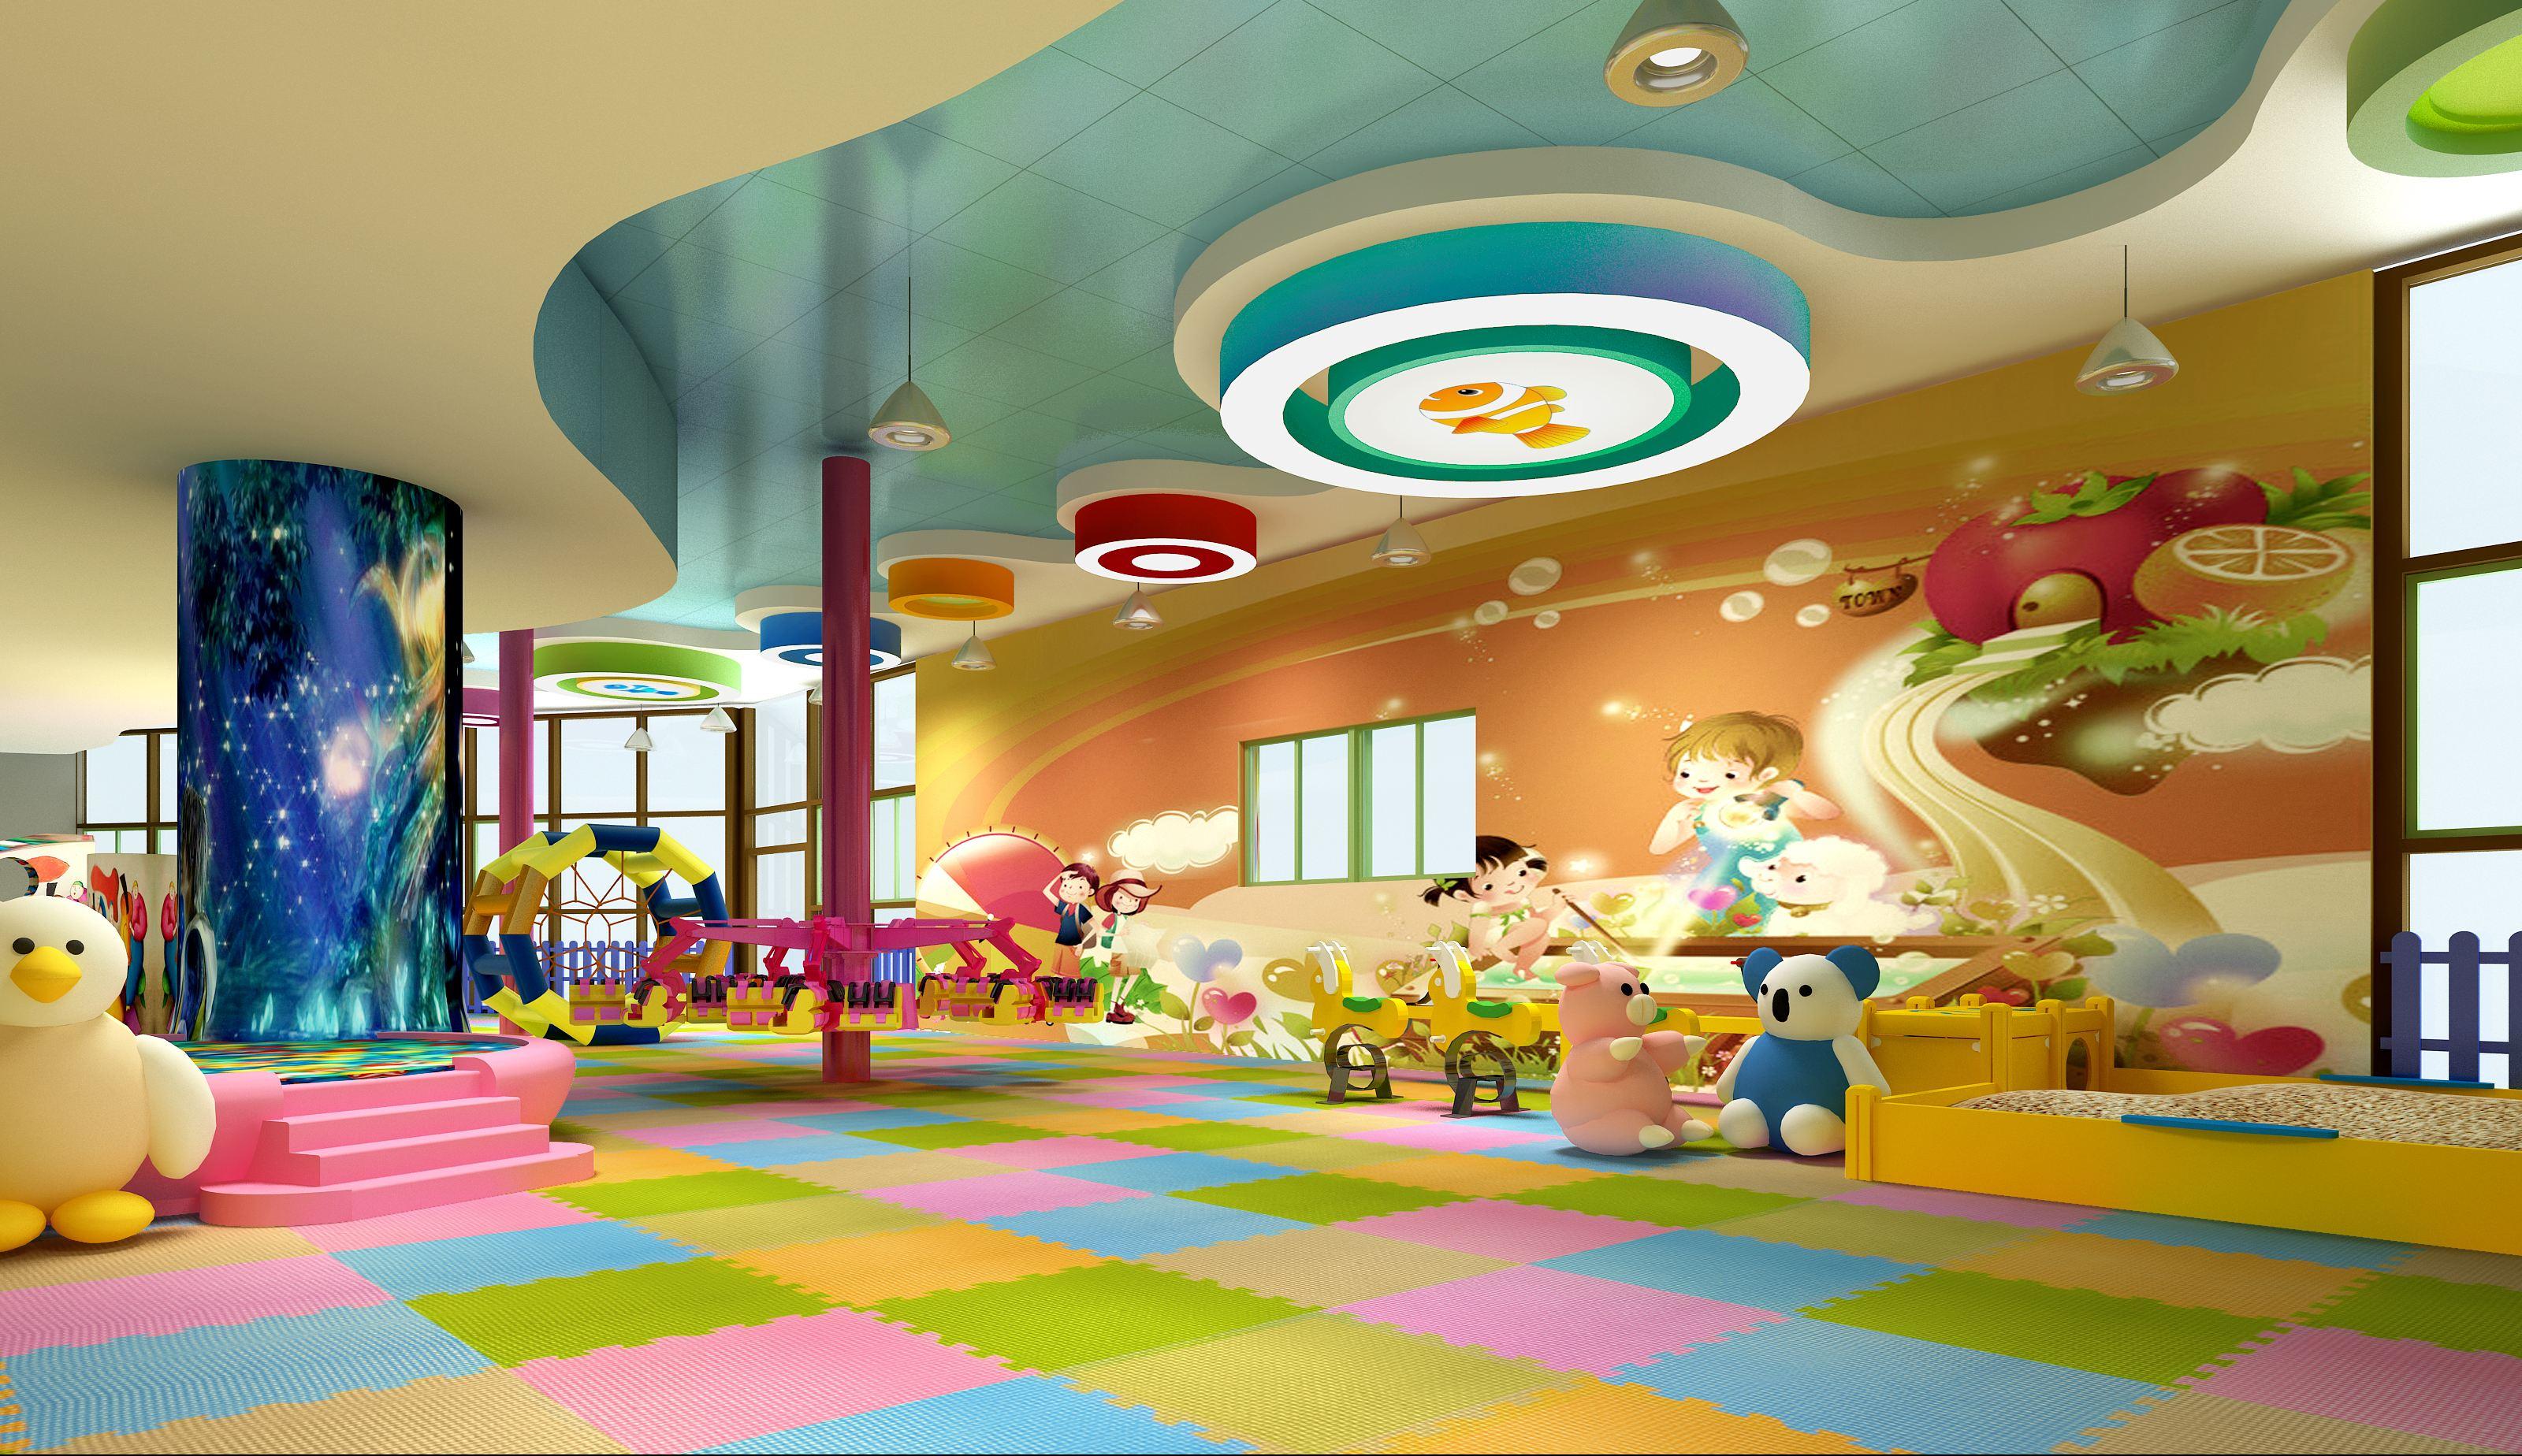 儿童游乐园是专门为0~6岁儿童提供成长所需的专业教育服务机构